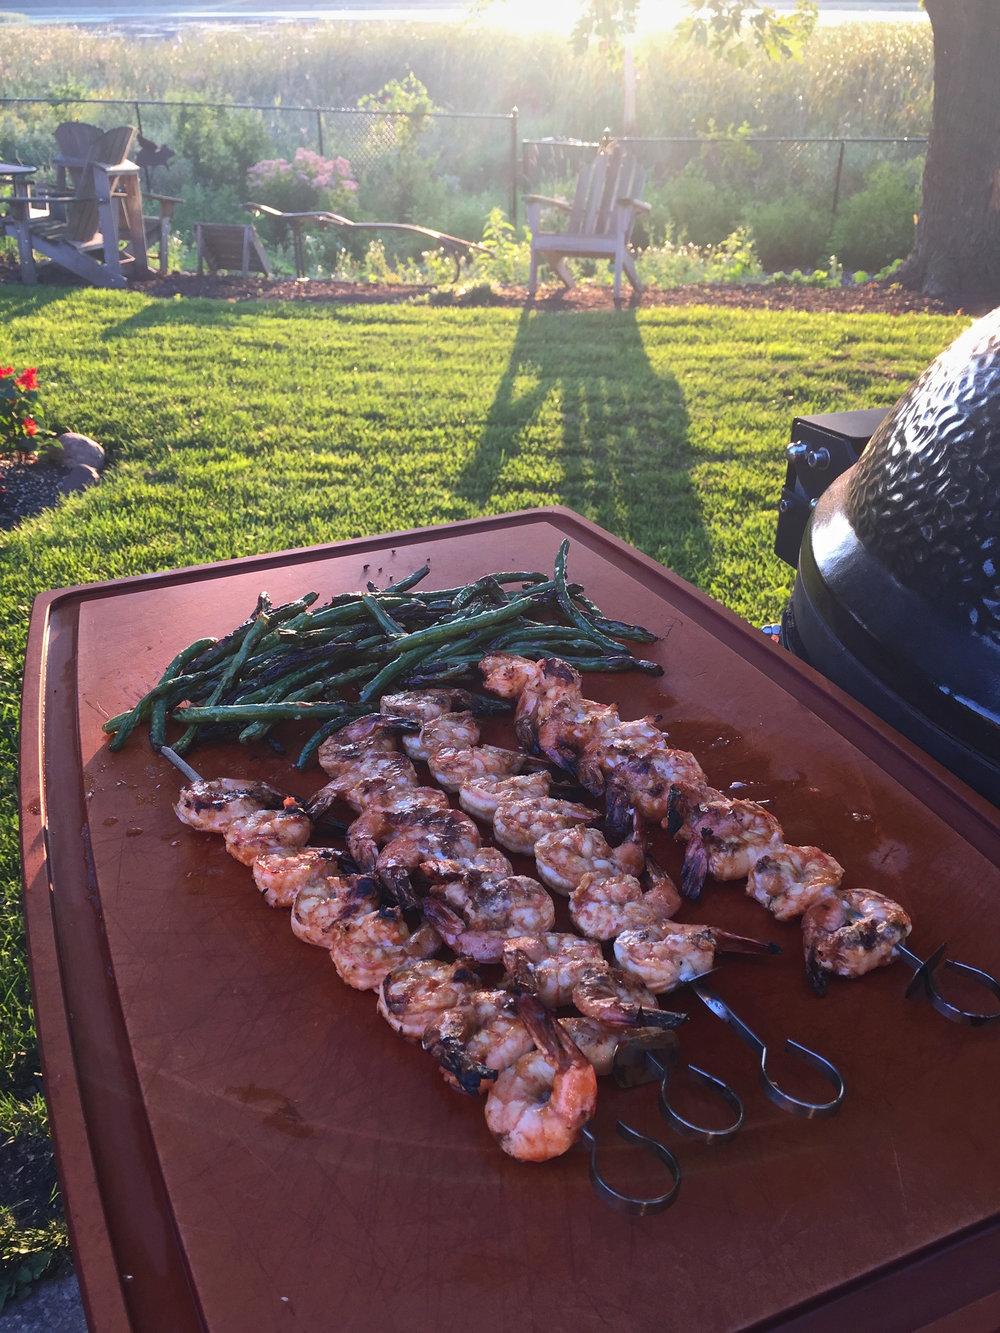 ross_summergrilling_shrimp_greenbeans_spiritedtable_photo.1.jpg